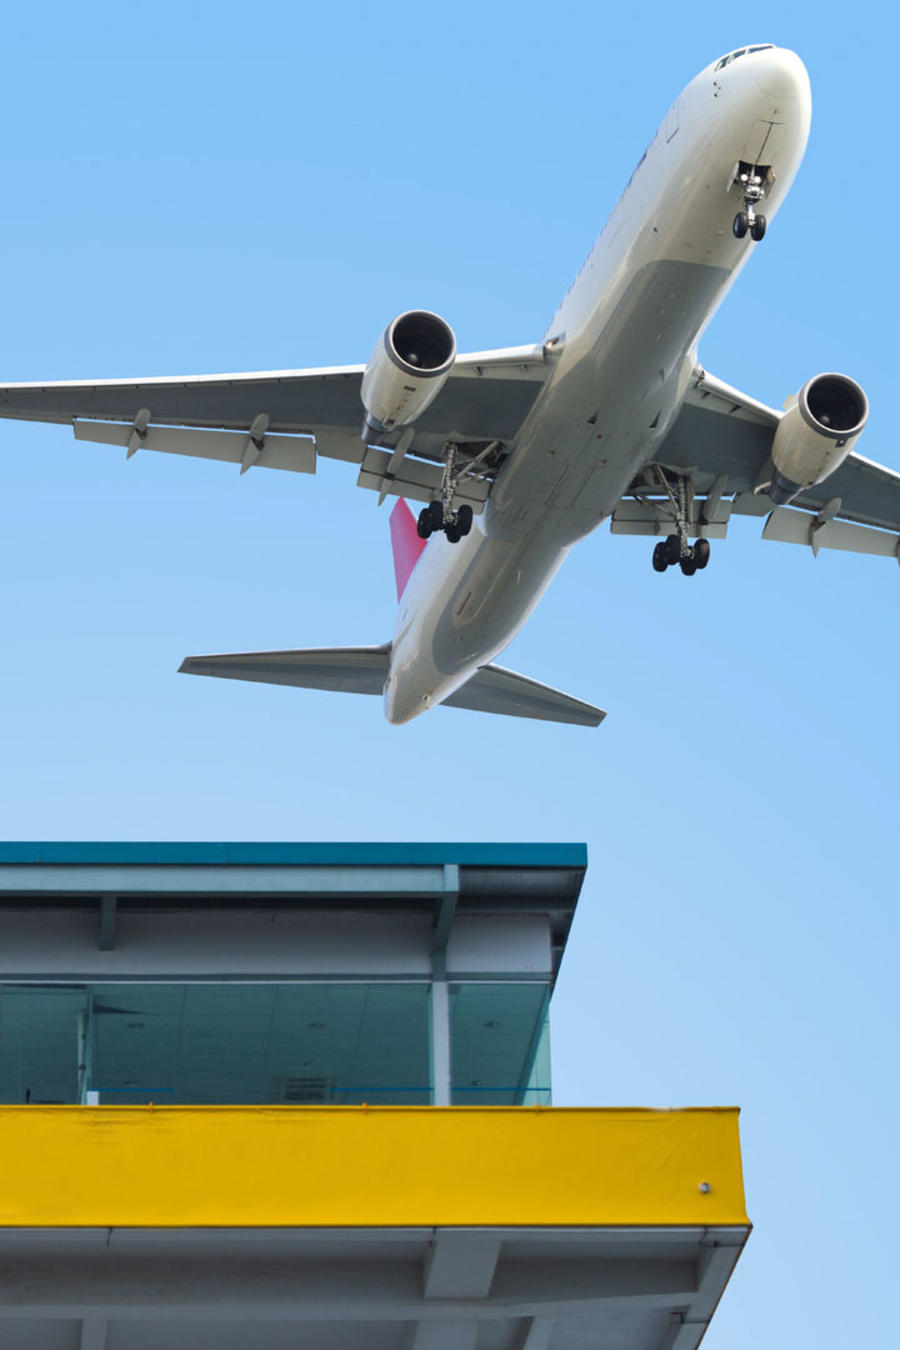 Avión volando sobre torre de control